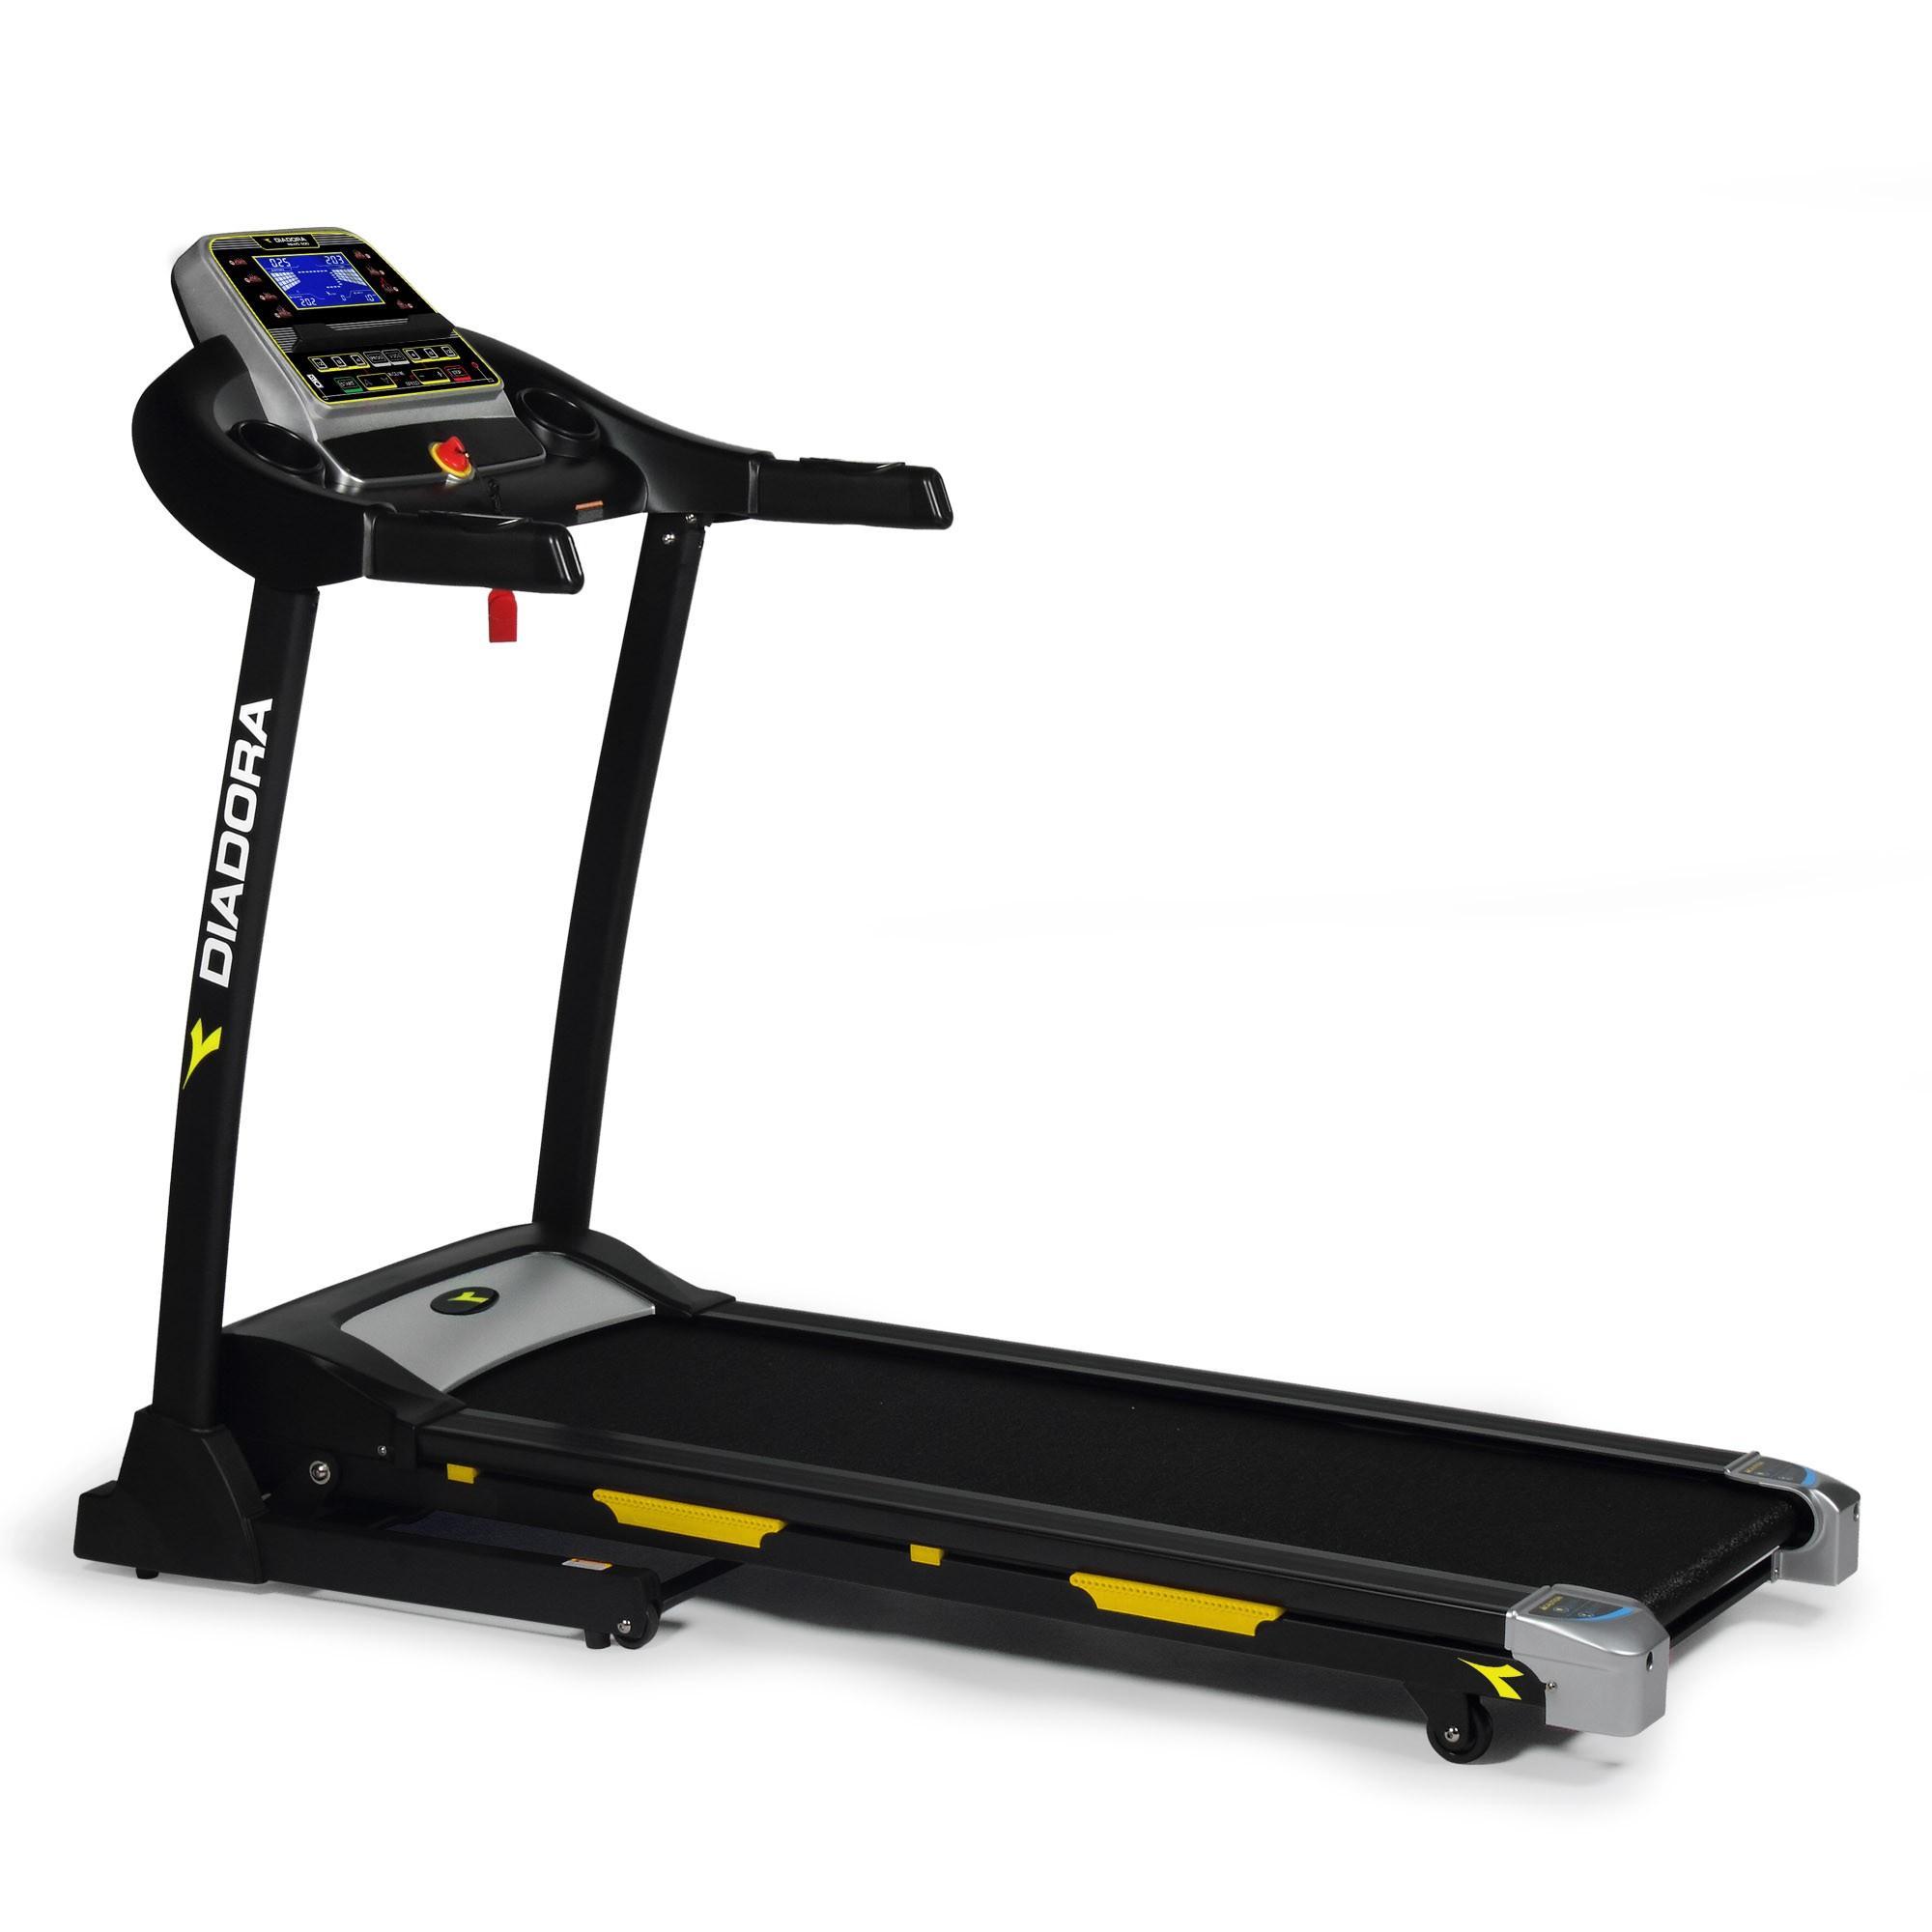 Tapis roulant Diadora Rewo 500 - Diadora Fitness 0db3d2f8ec5